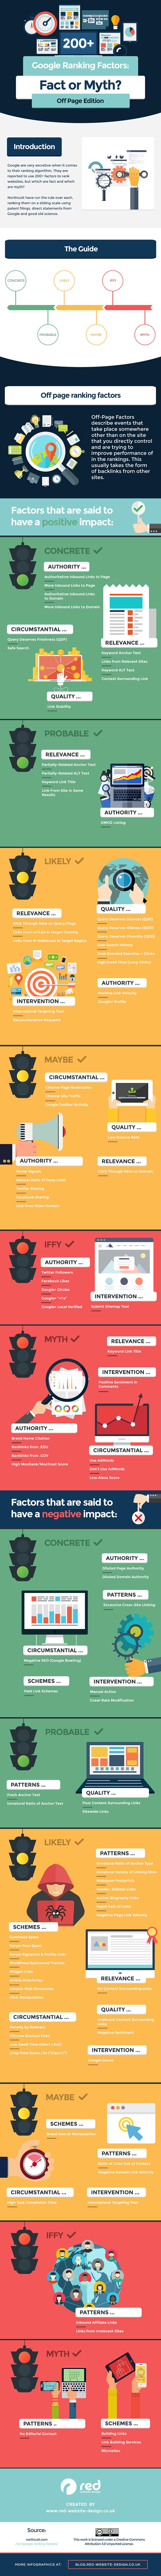 Factores off page claves para el posicionamiento en línea: Mito vs. Realidad